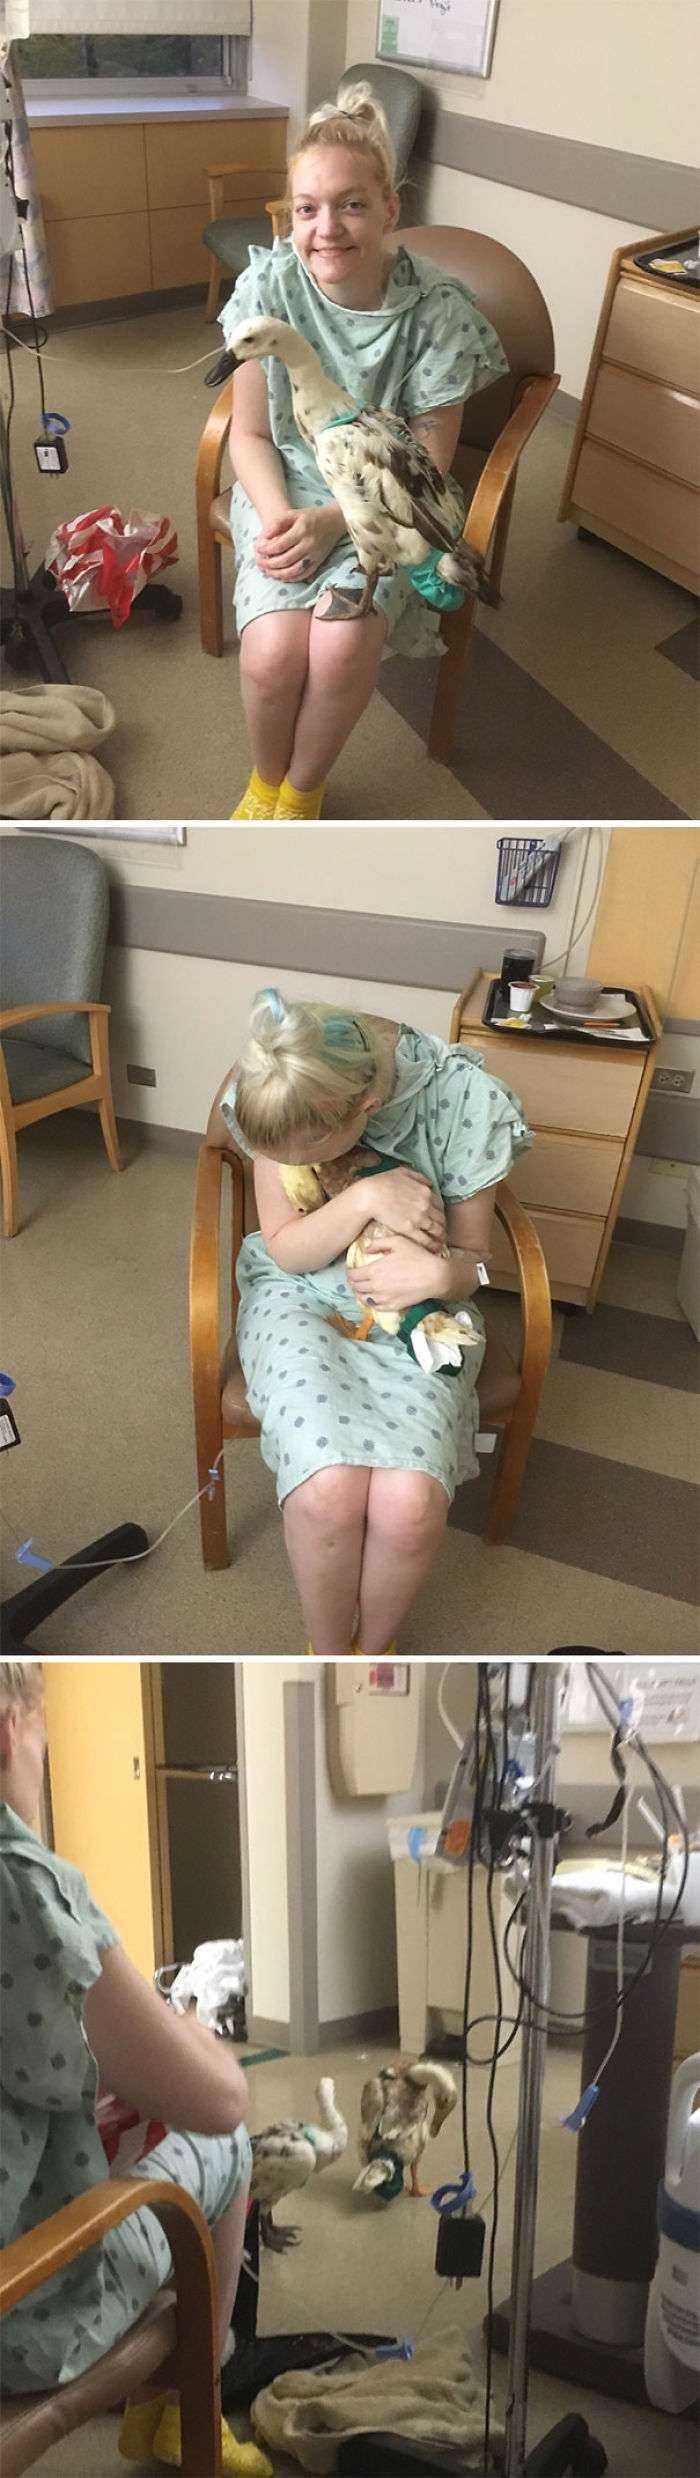 Tenía Una Enfermedad Peligrosa, Pero No Quería Ir Al Hospital Porque Mis Patos Requerían Medicación Y Solo Se Fiaban De Mi. Las Enfermeras Dejaron Que Mi Marido Los Colara Por La Noche